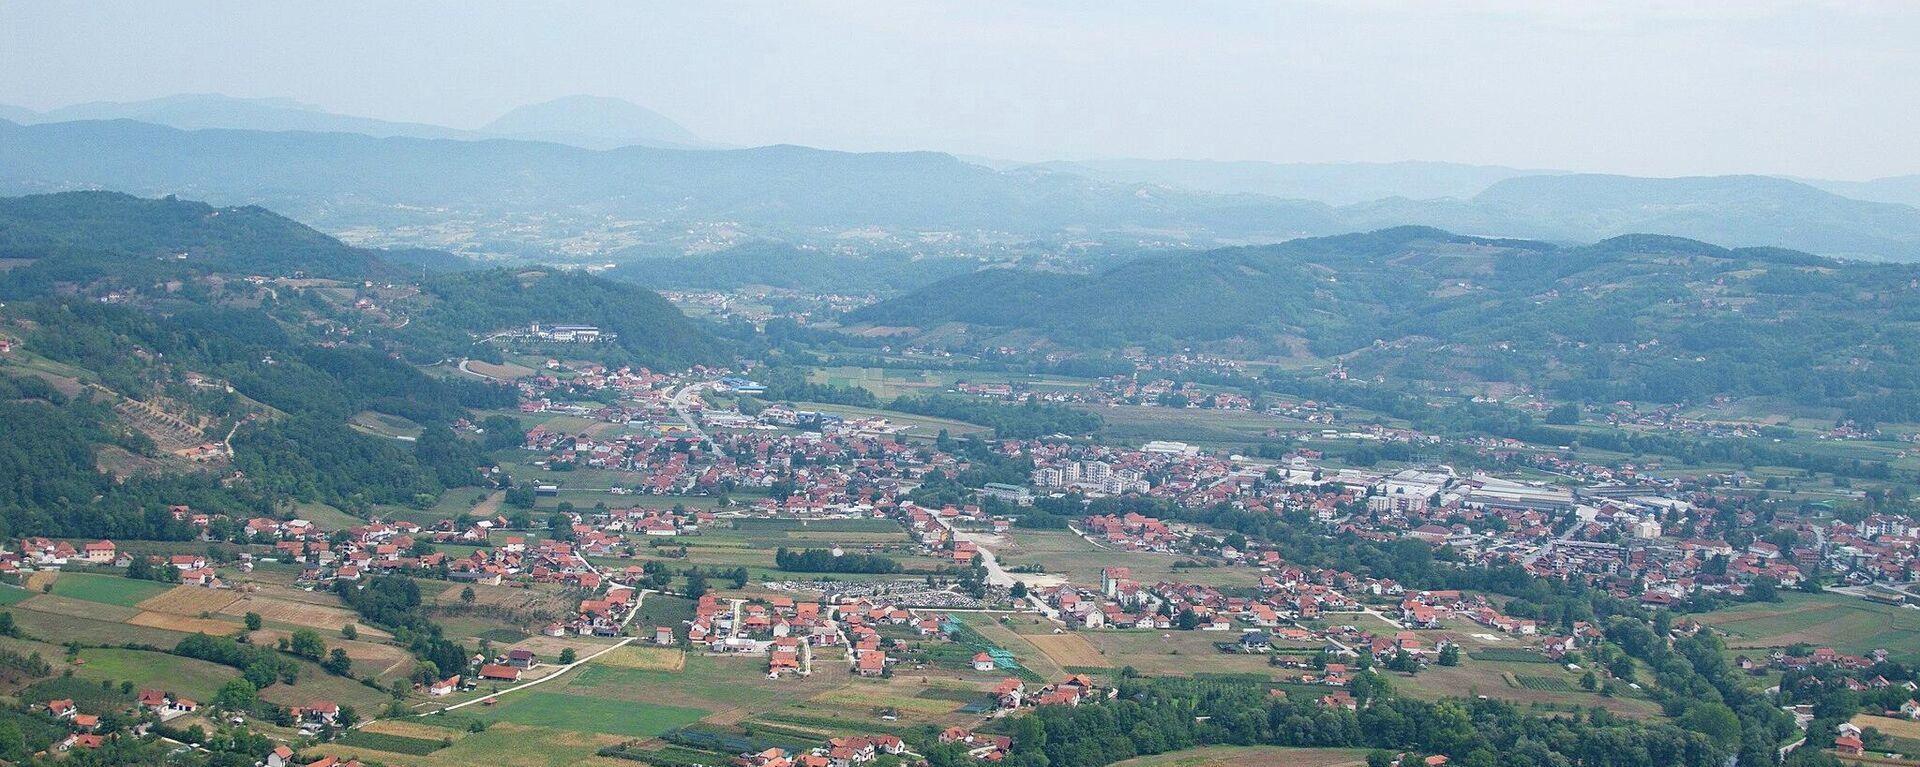 Ариље – панорама - Sputnik Србија, 1920, 05.08.2021